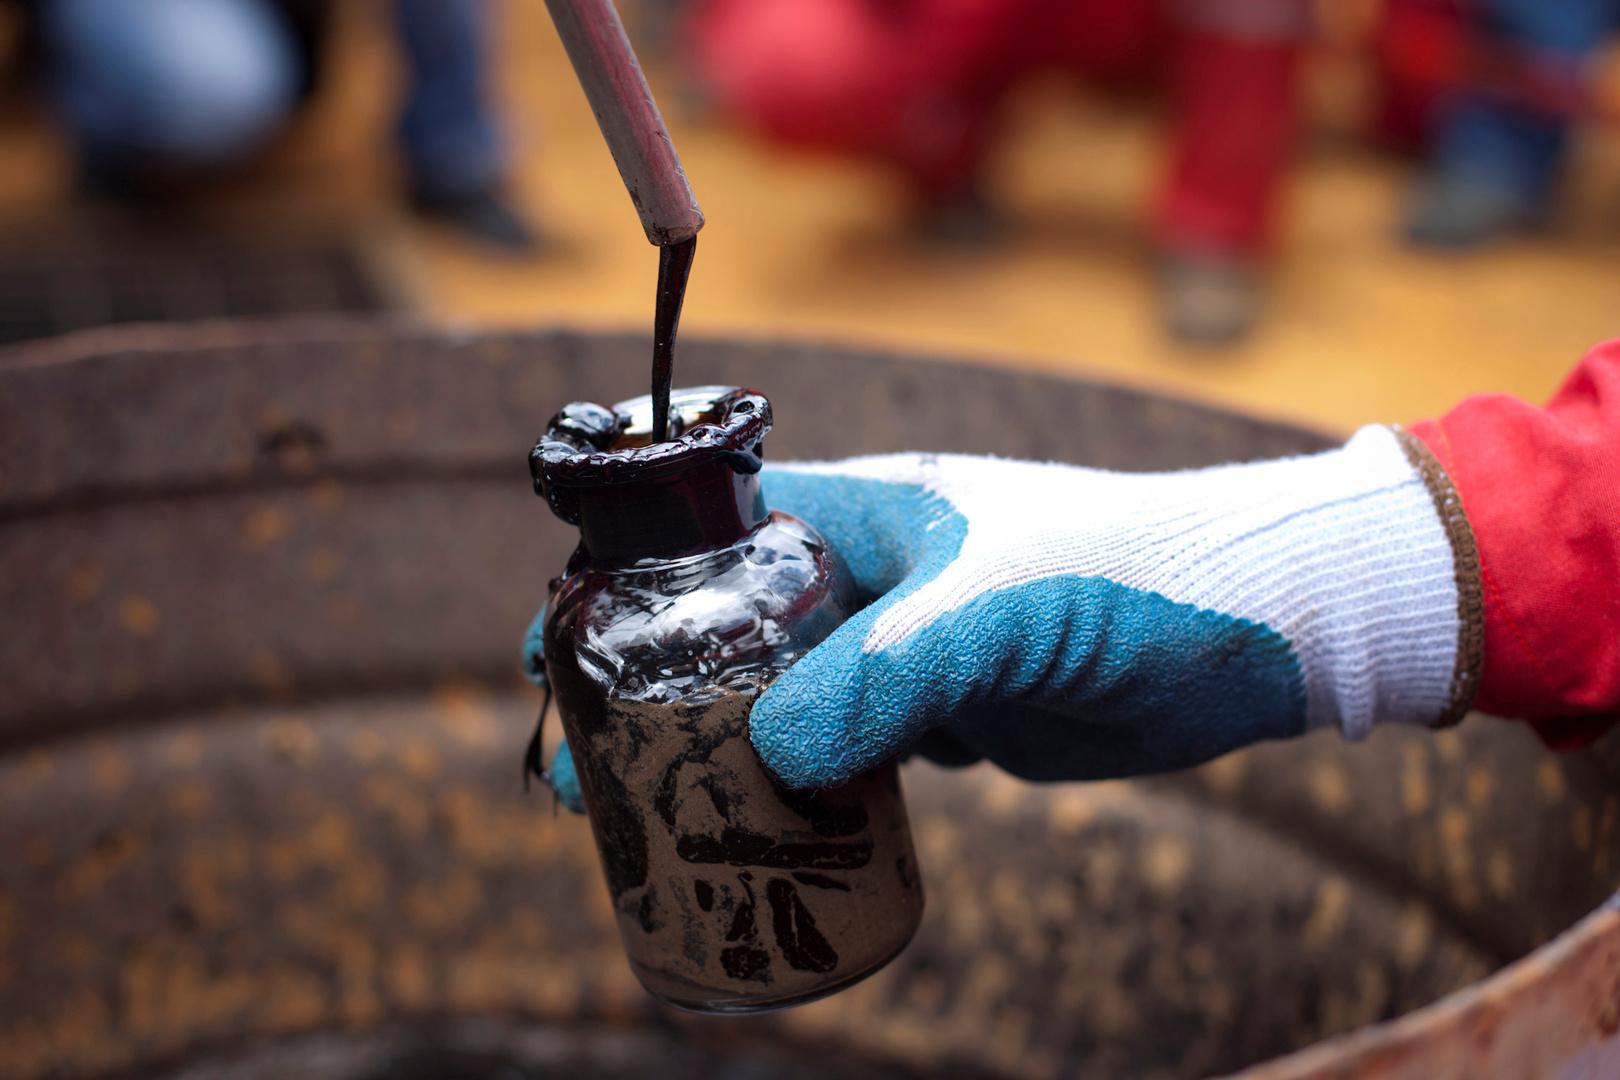 نوفاك: عجز سوق النفط يقدر بنحو مليون برميل يوميا